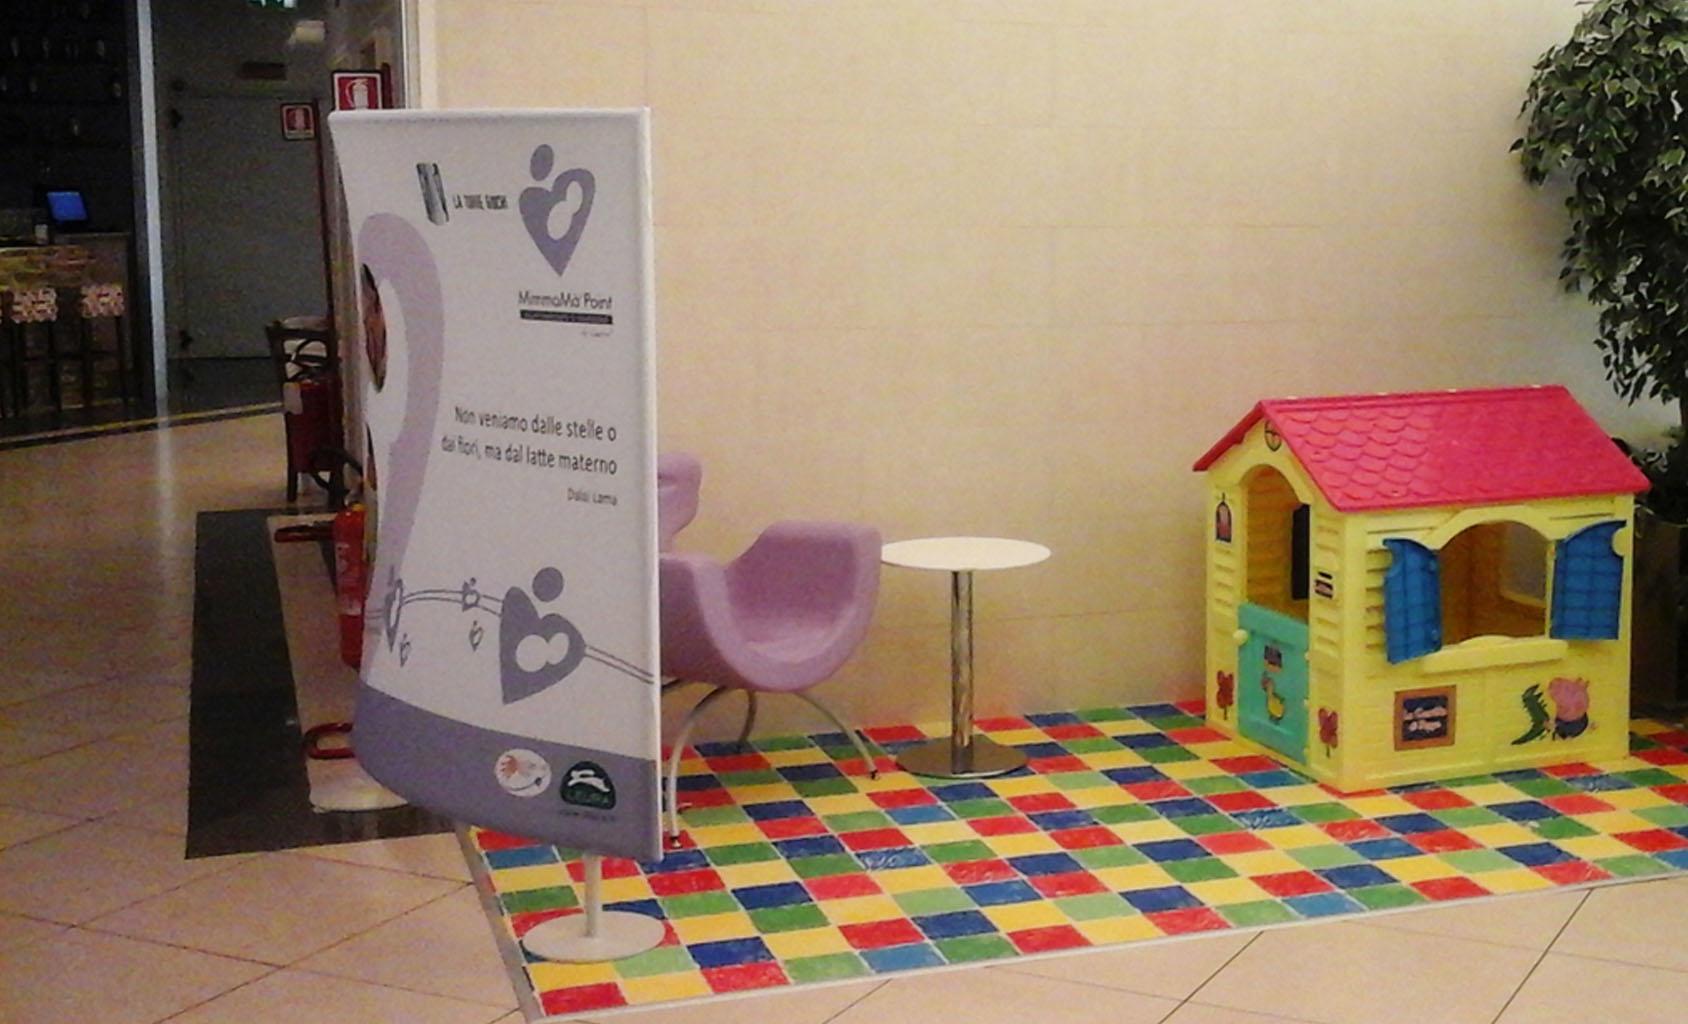 corner-allattamento-breastfeeding-shopping-center-il-vulcano